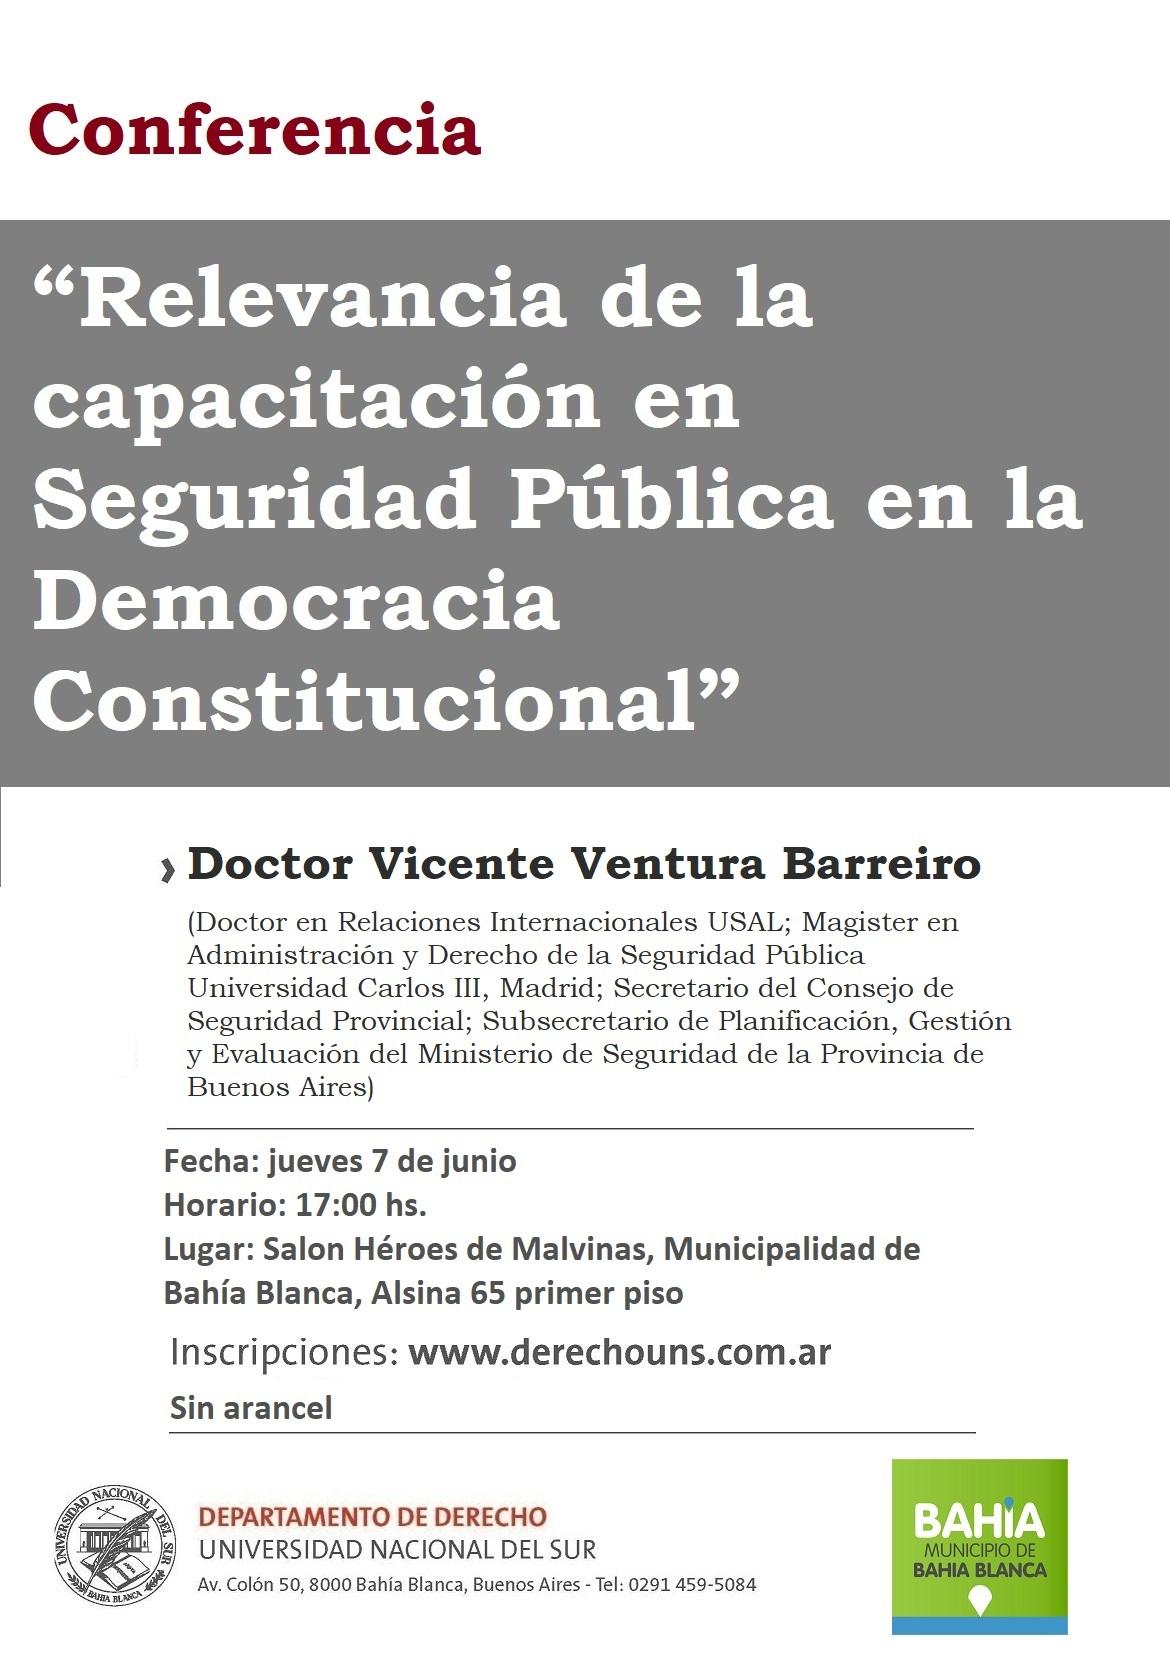 Conferencia-Ventura-Barreiro-2018